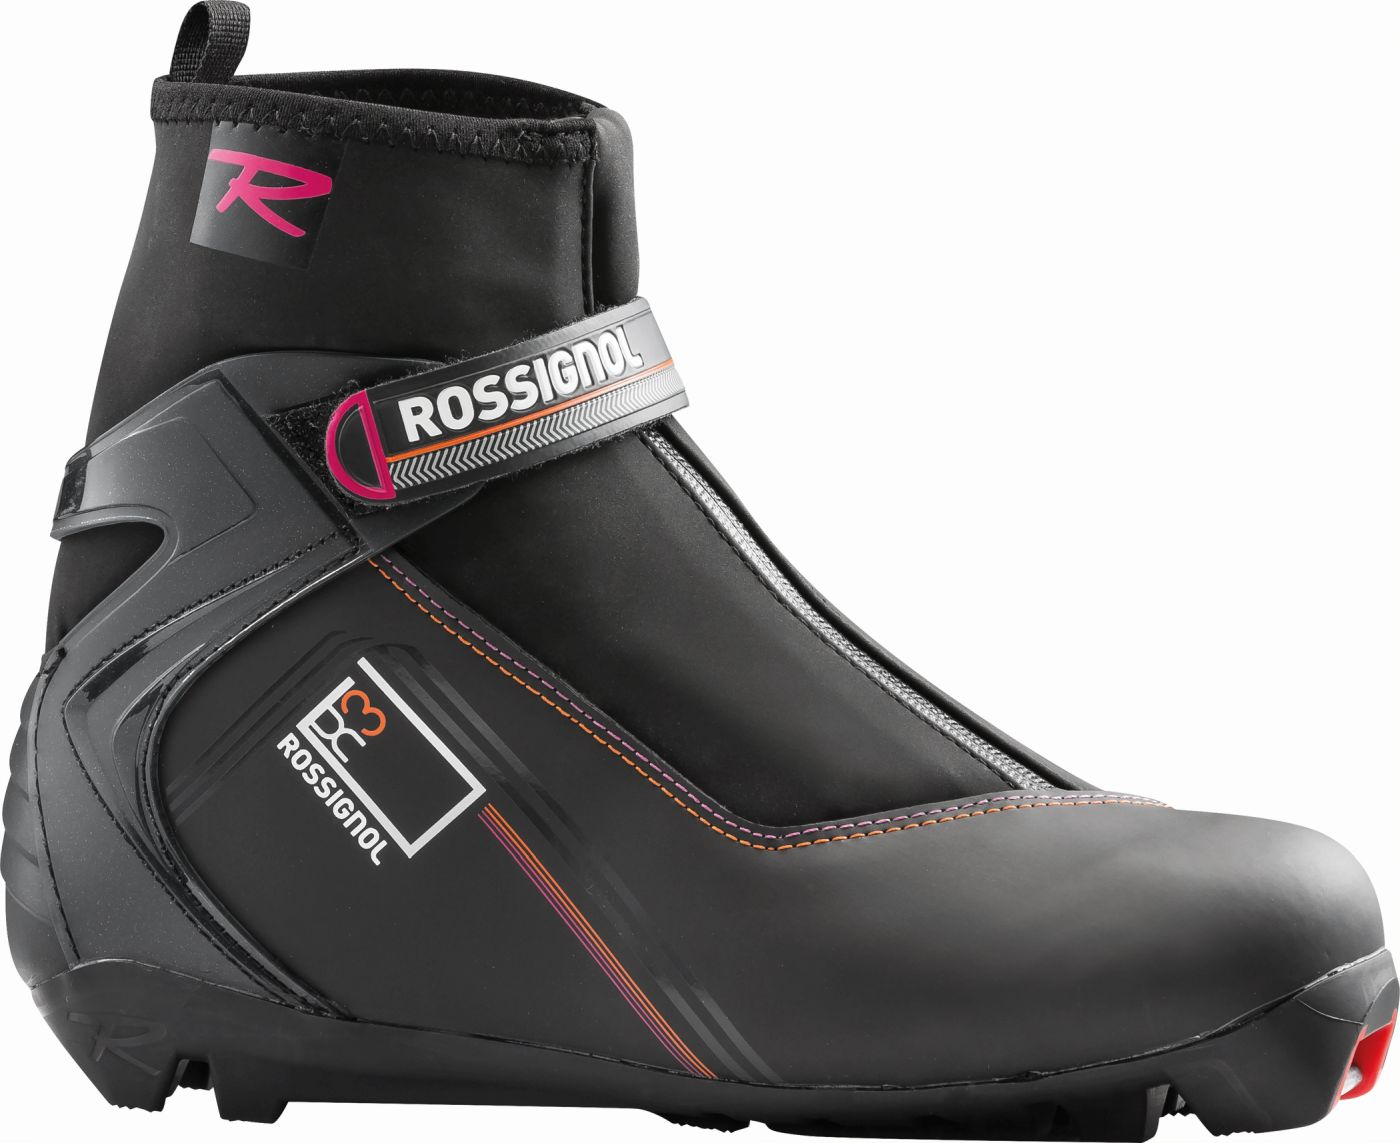 612944a8faf90 Rossignol eshop - Bežecká obuv: X-3 FW